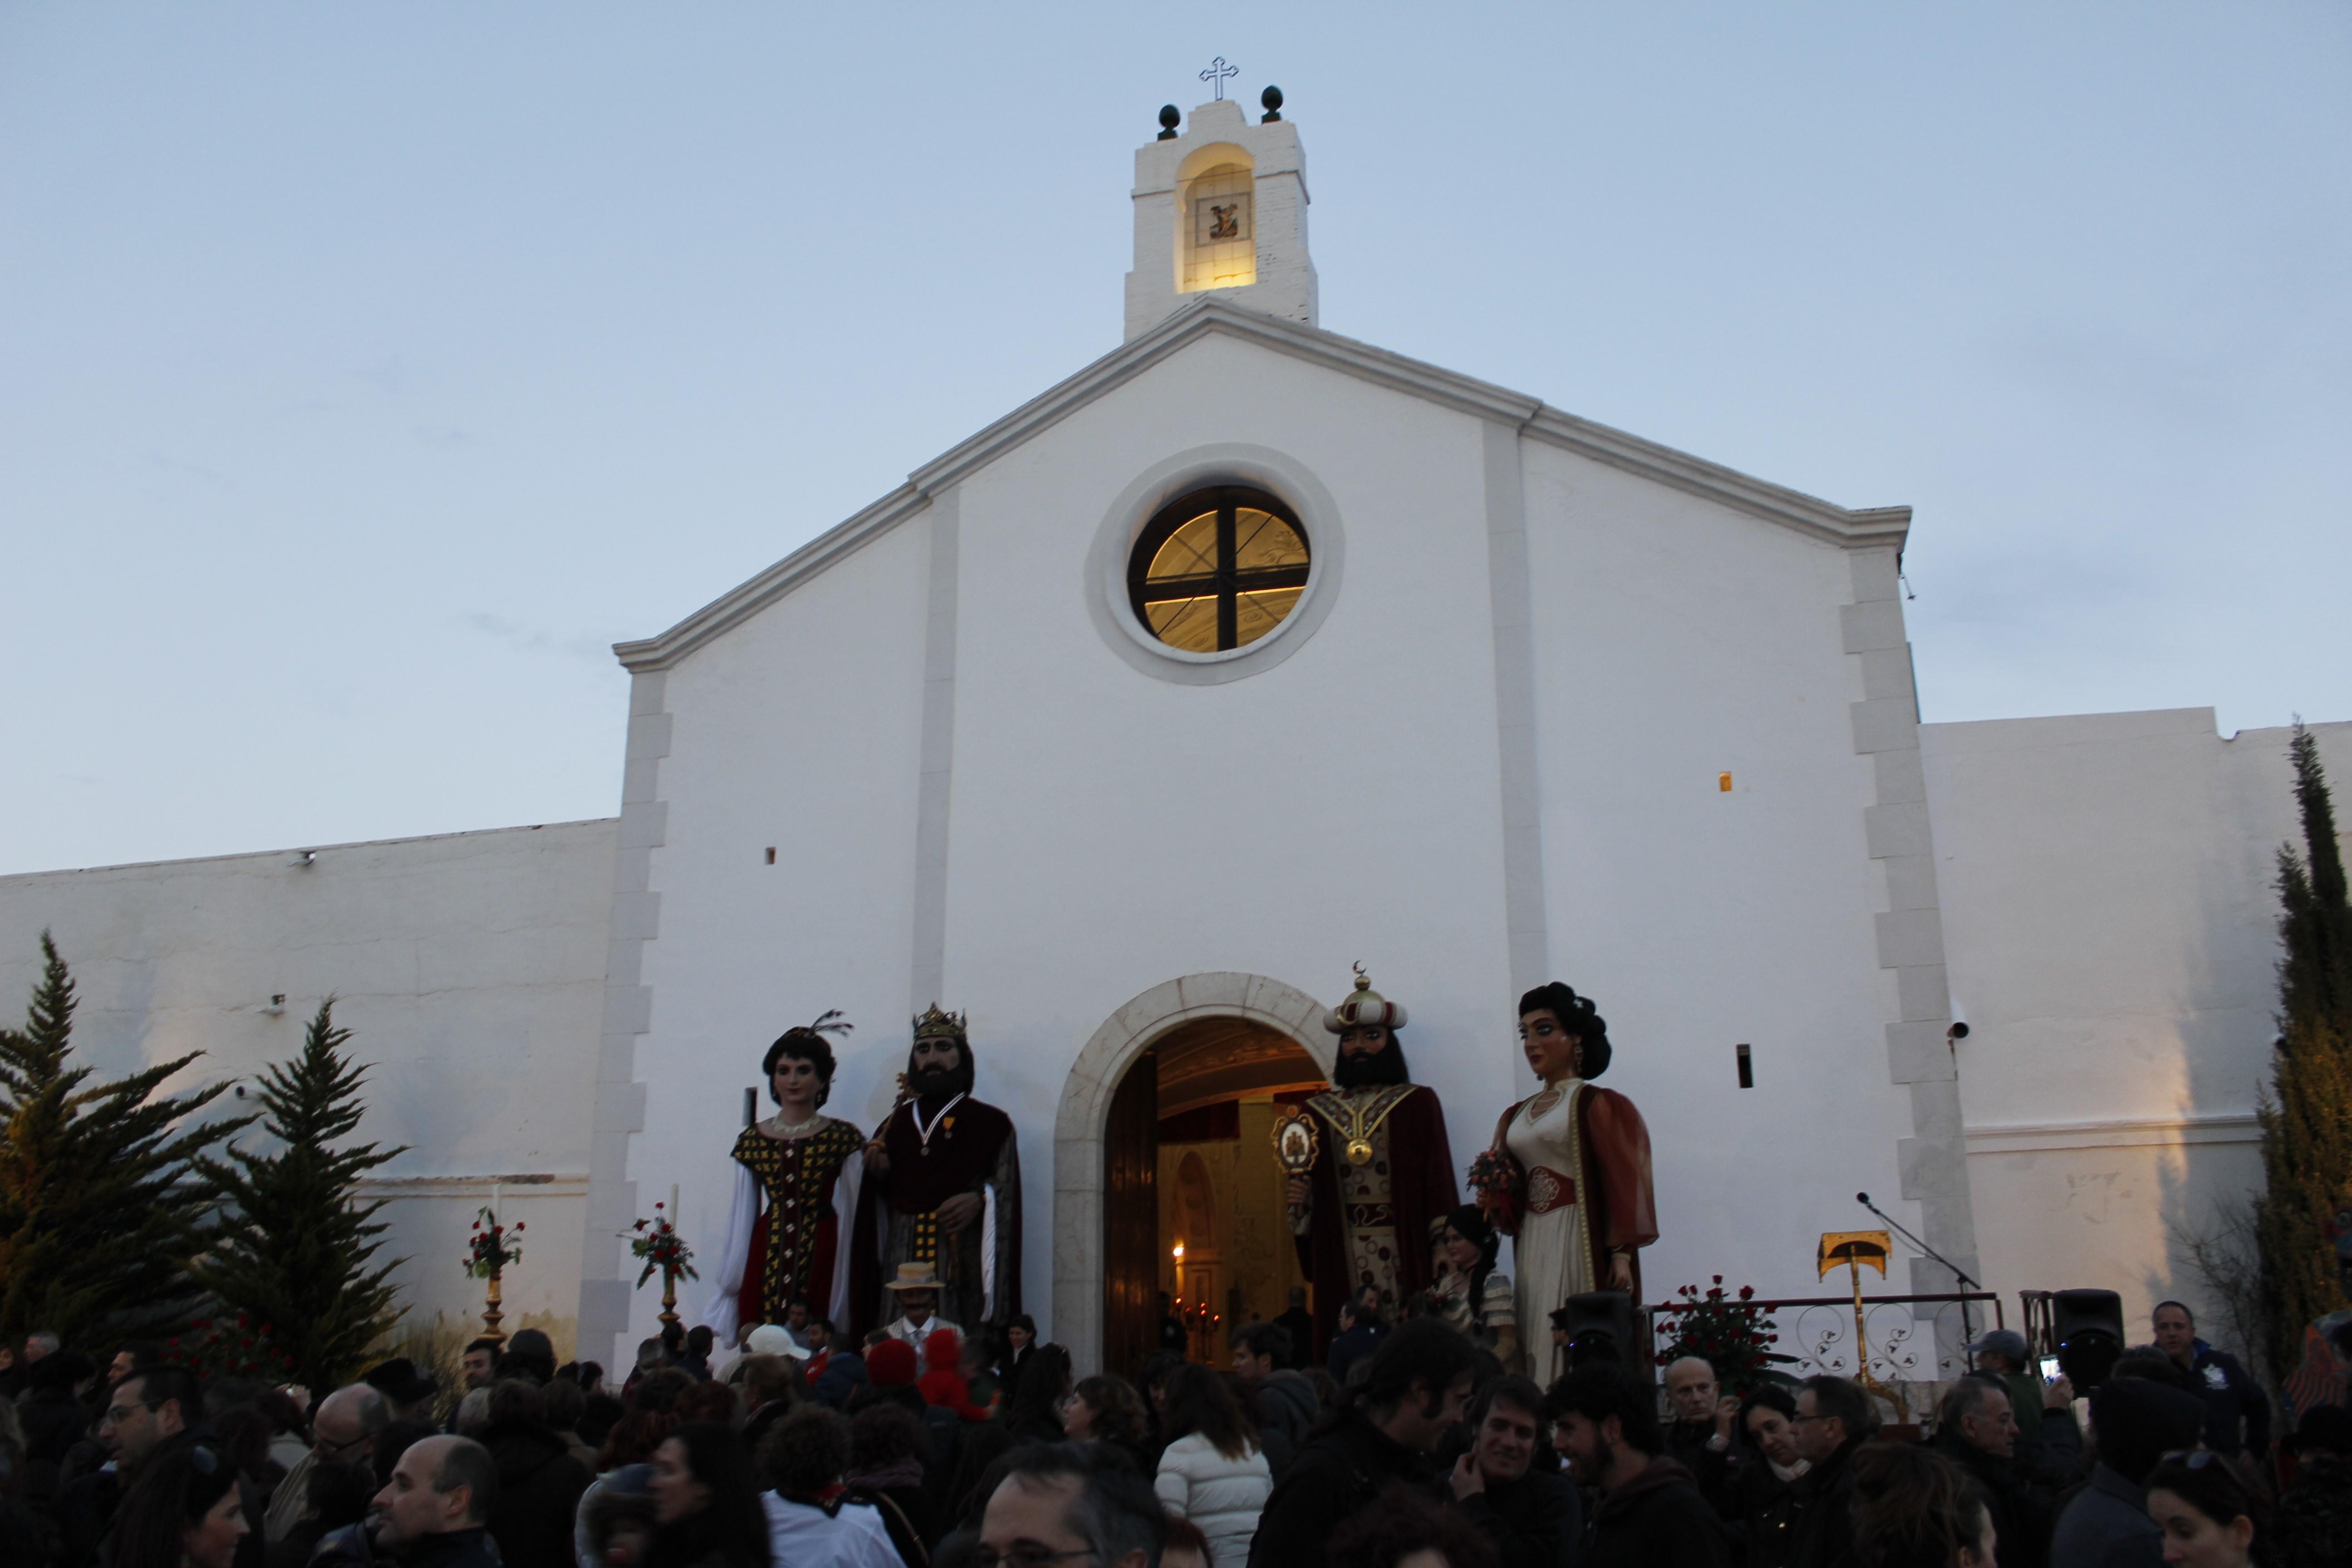 Parroquia de Sant Bartomeu i Santa Tecla de Sitges